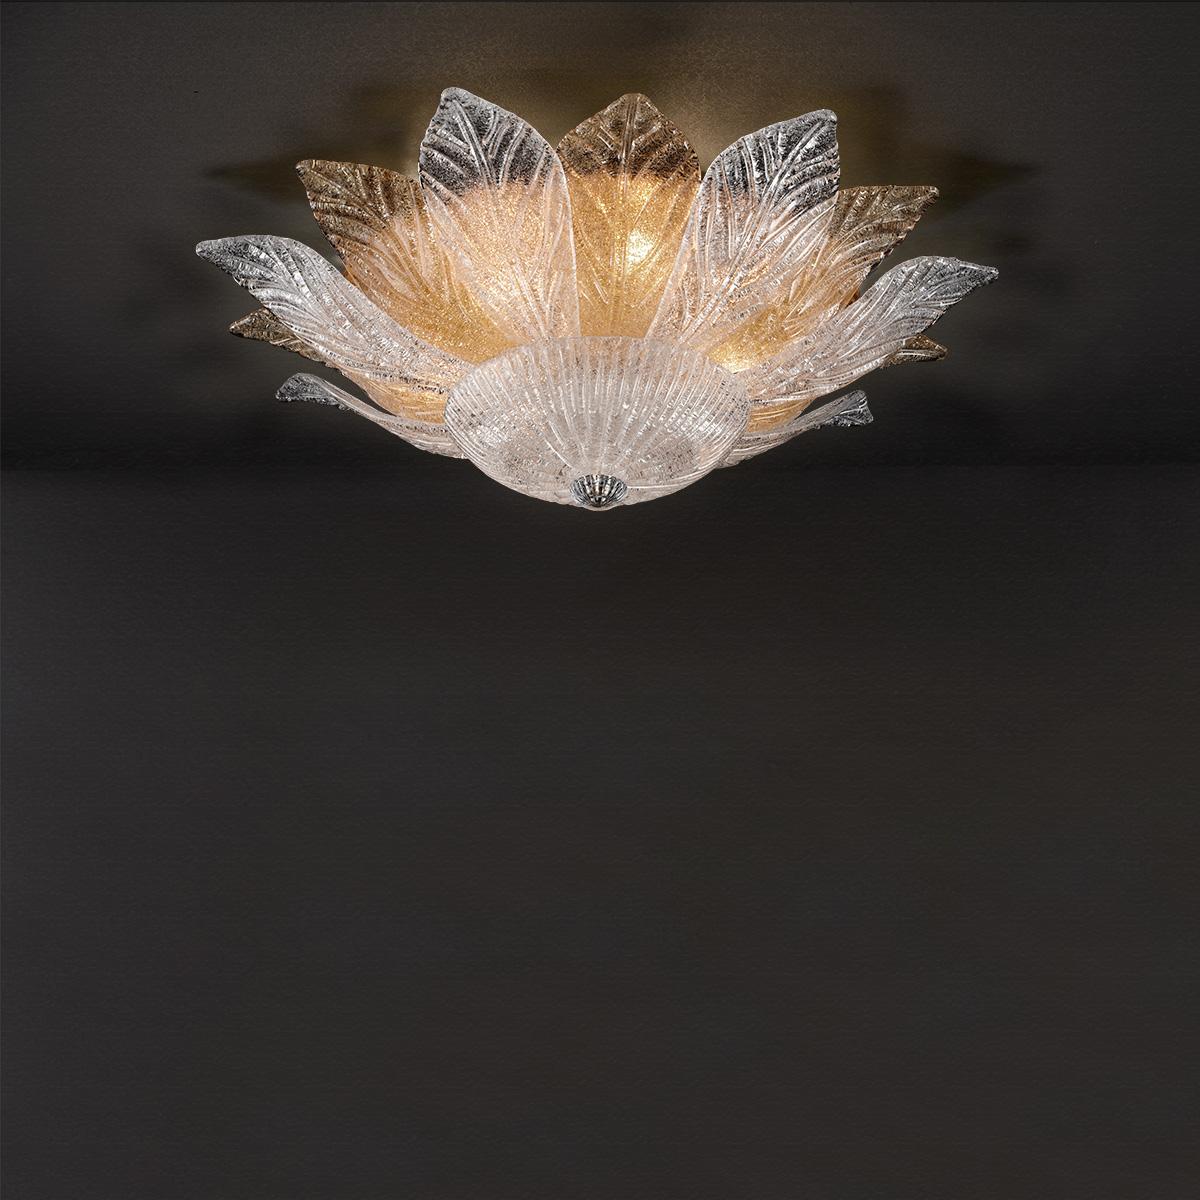 Φωτιστικό οροφής με ανάμεικτα φύλλα STELLA ceiling lamp with mixed crystal leaves